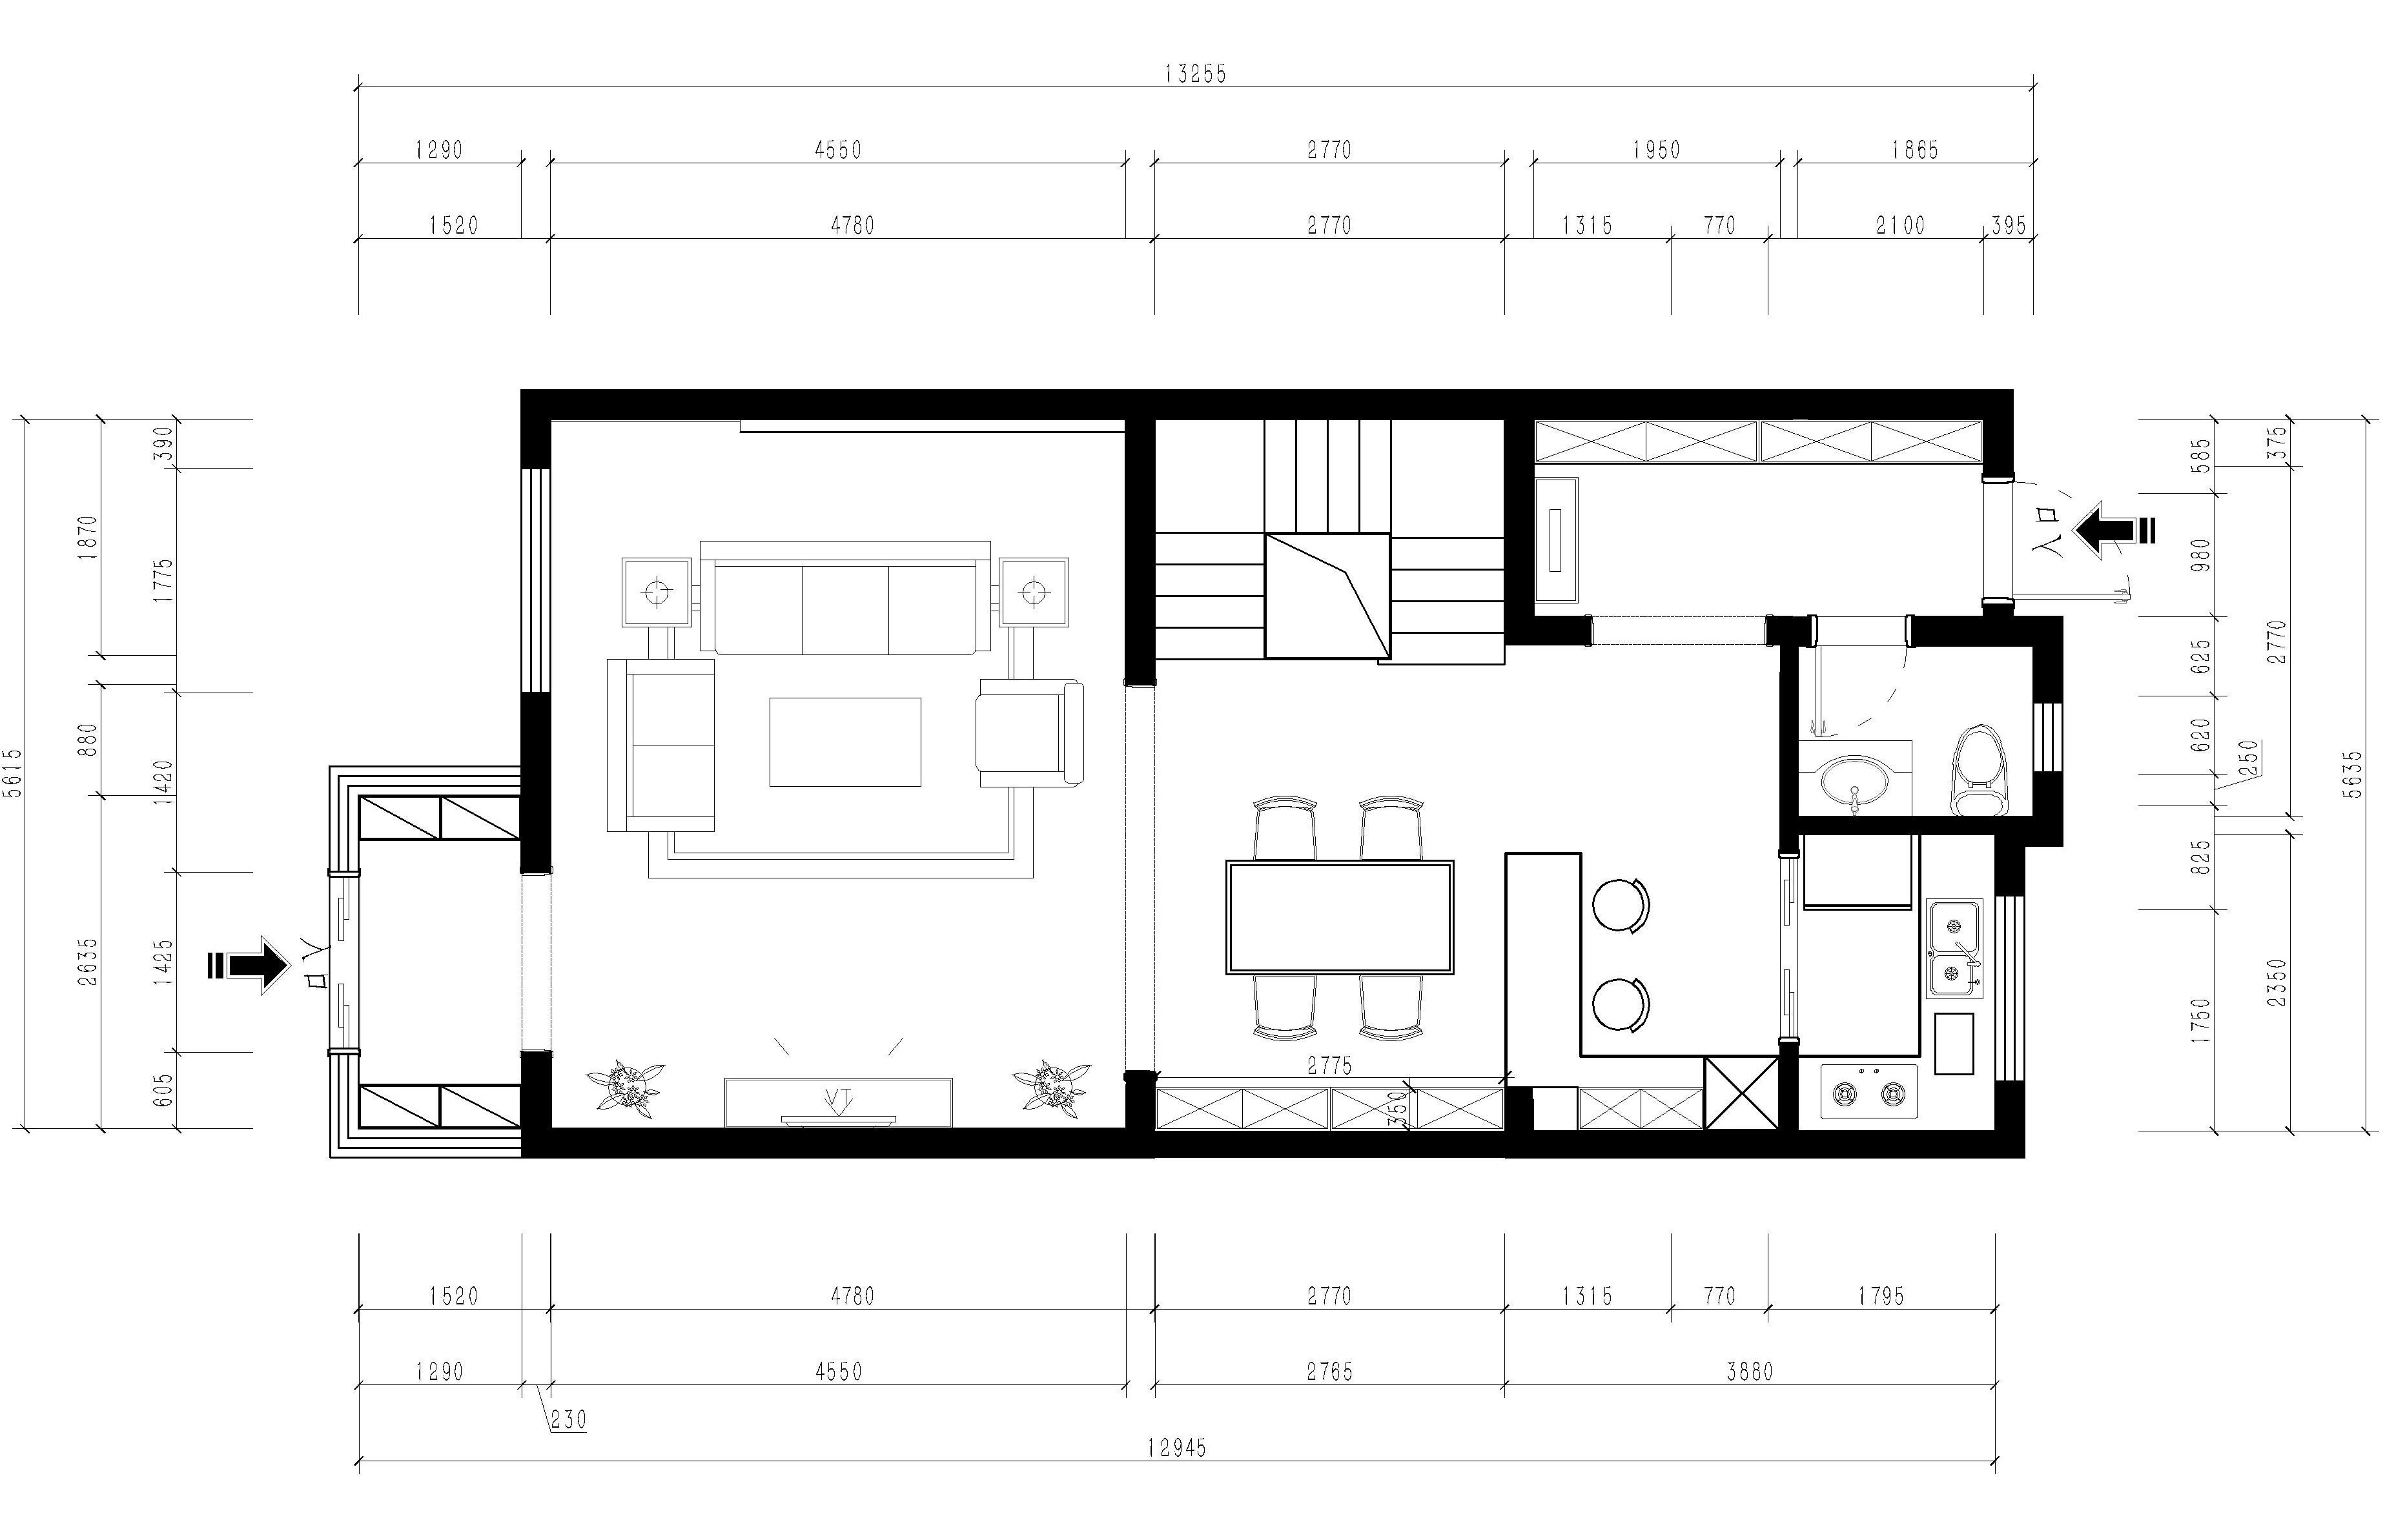 中德Green公圆 266m/2策划案例 新中式装潢成果图装潢策划愿景